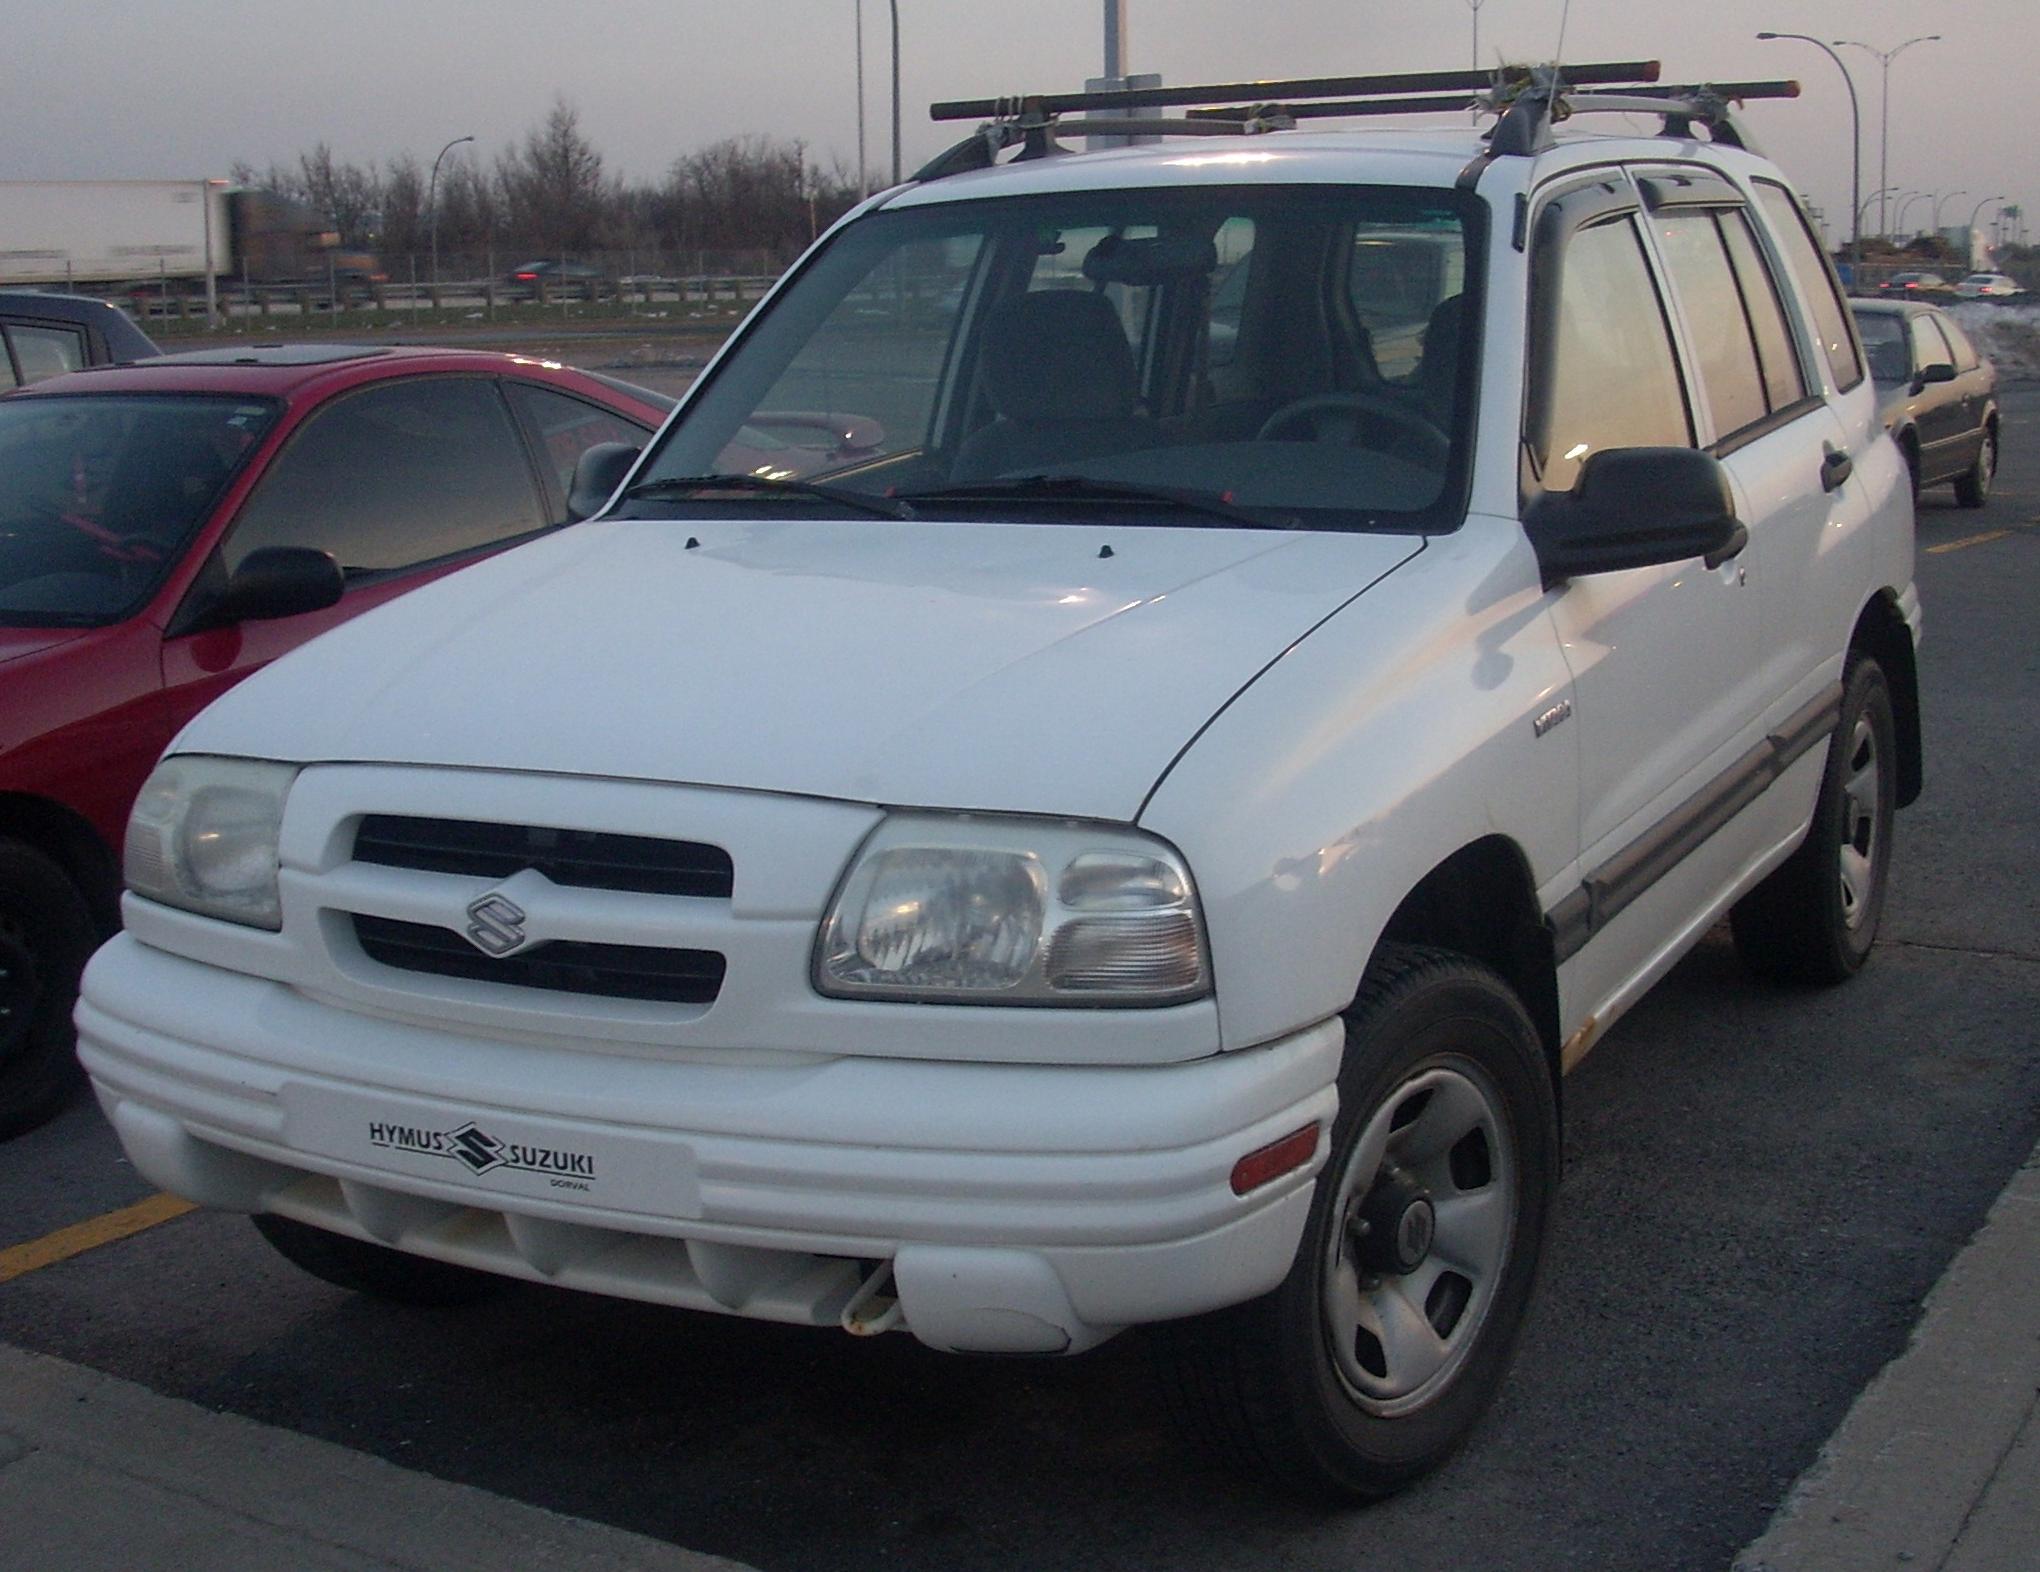 Cheyenne Rental Car Companies